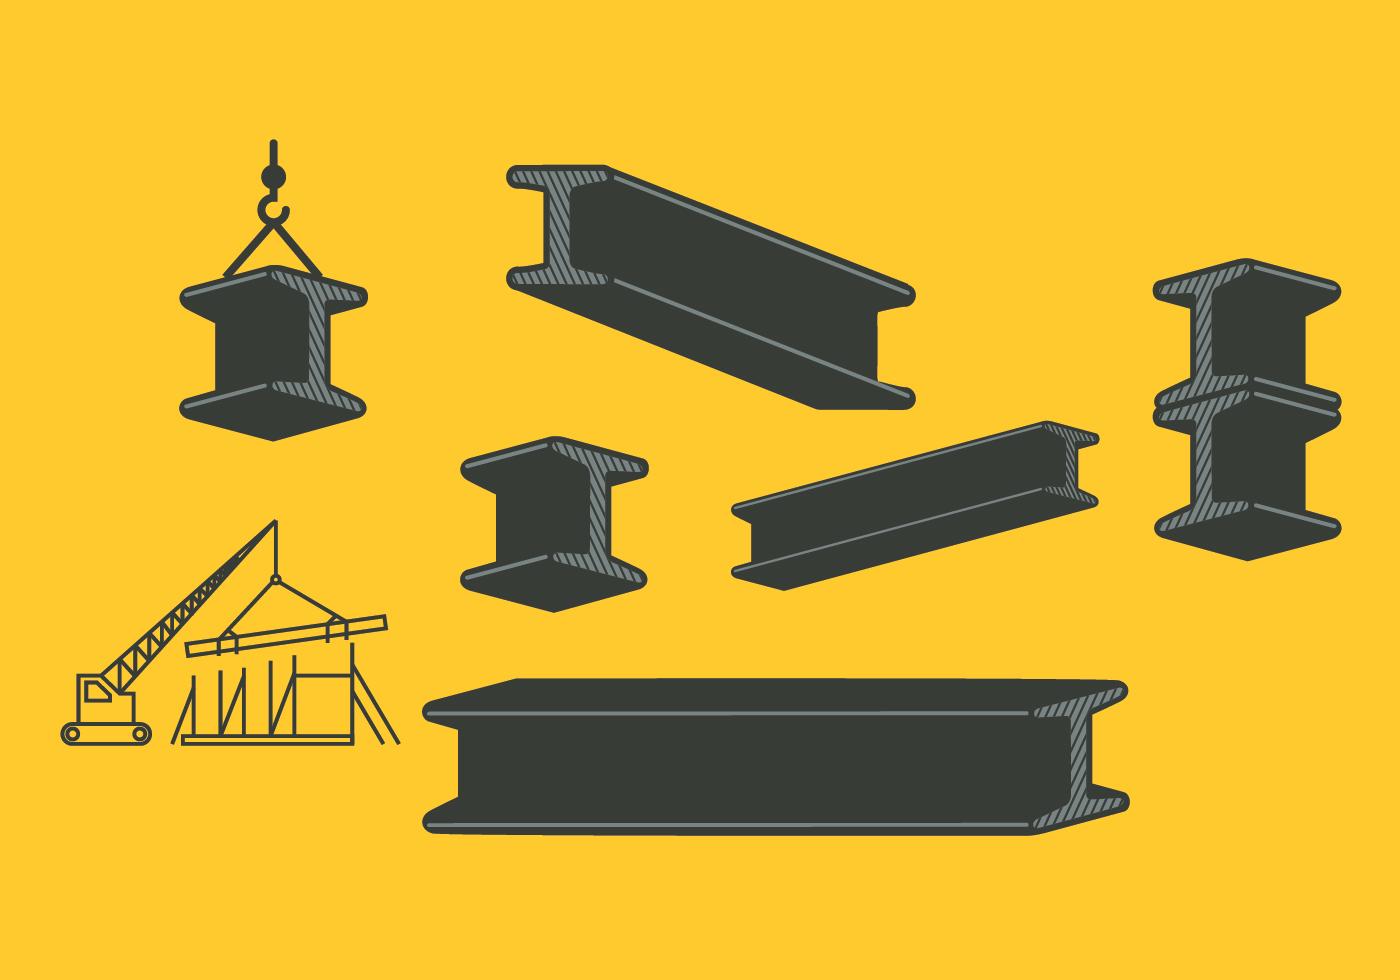 Steel Beam Pack Download Free Vector Art Stock Graphics